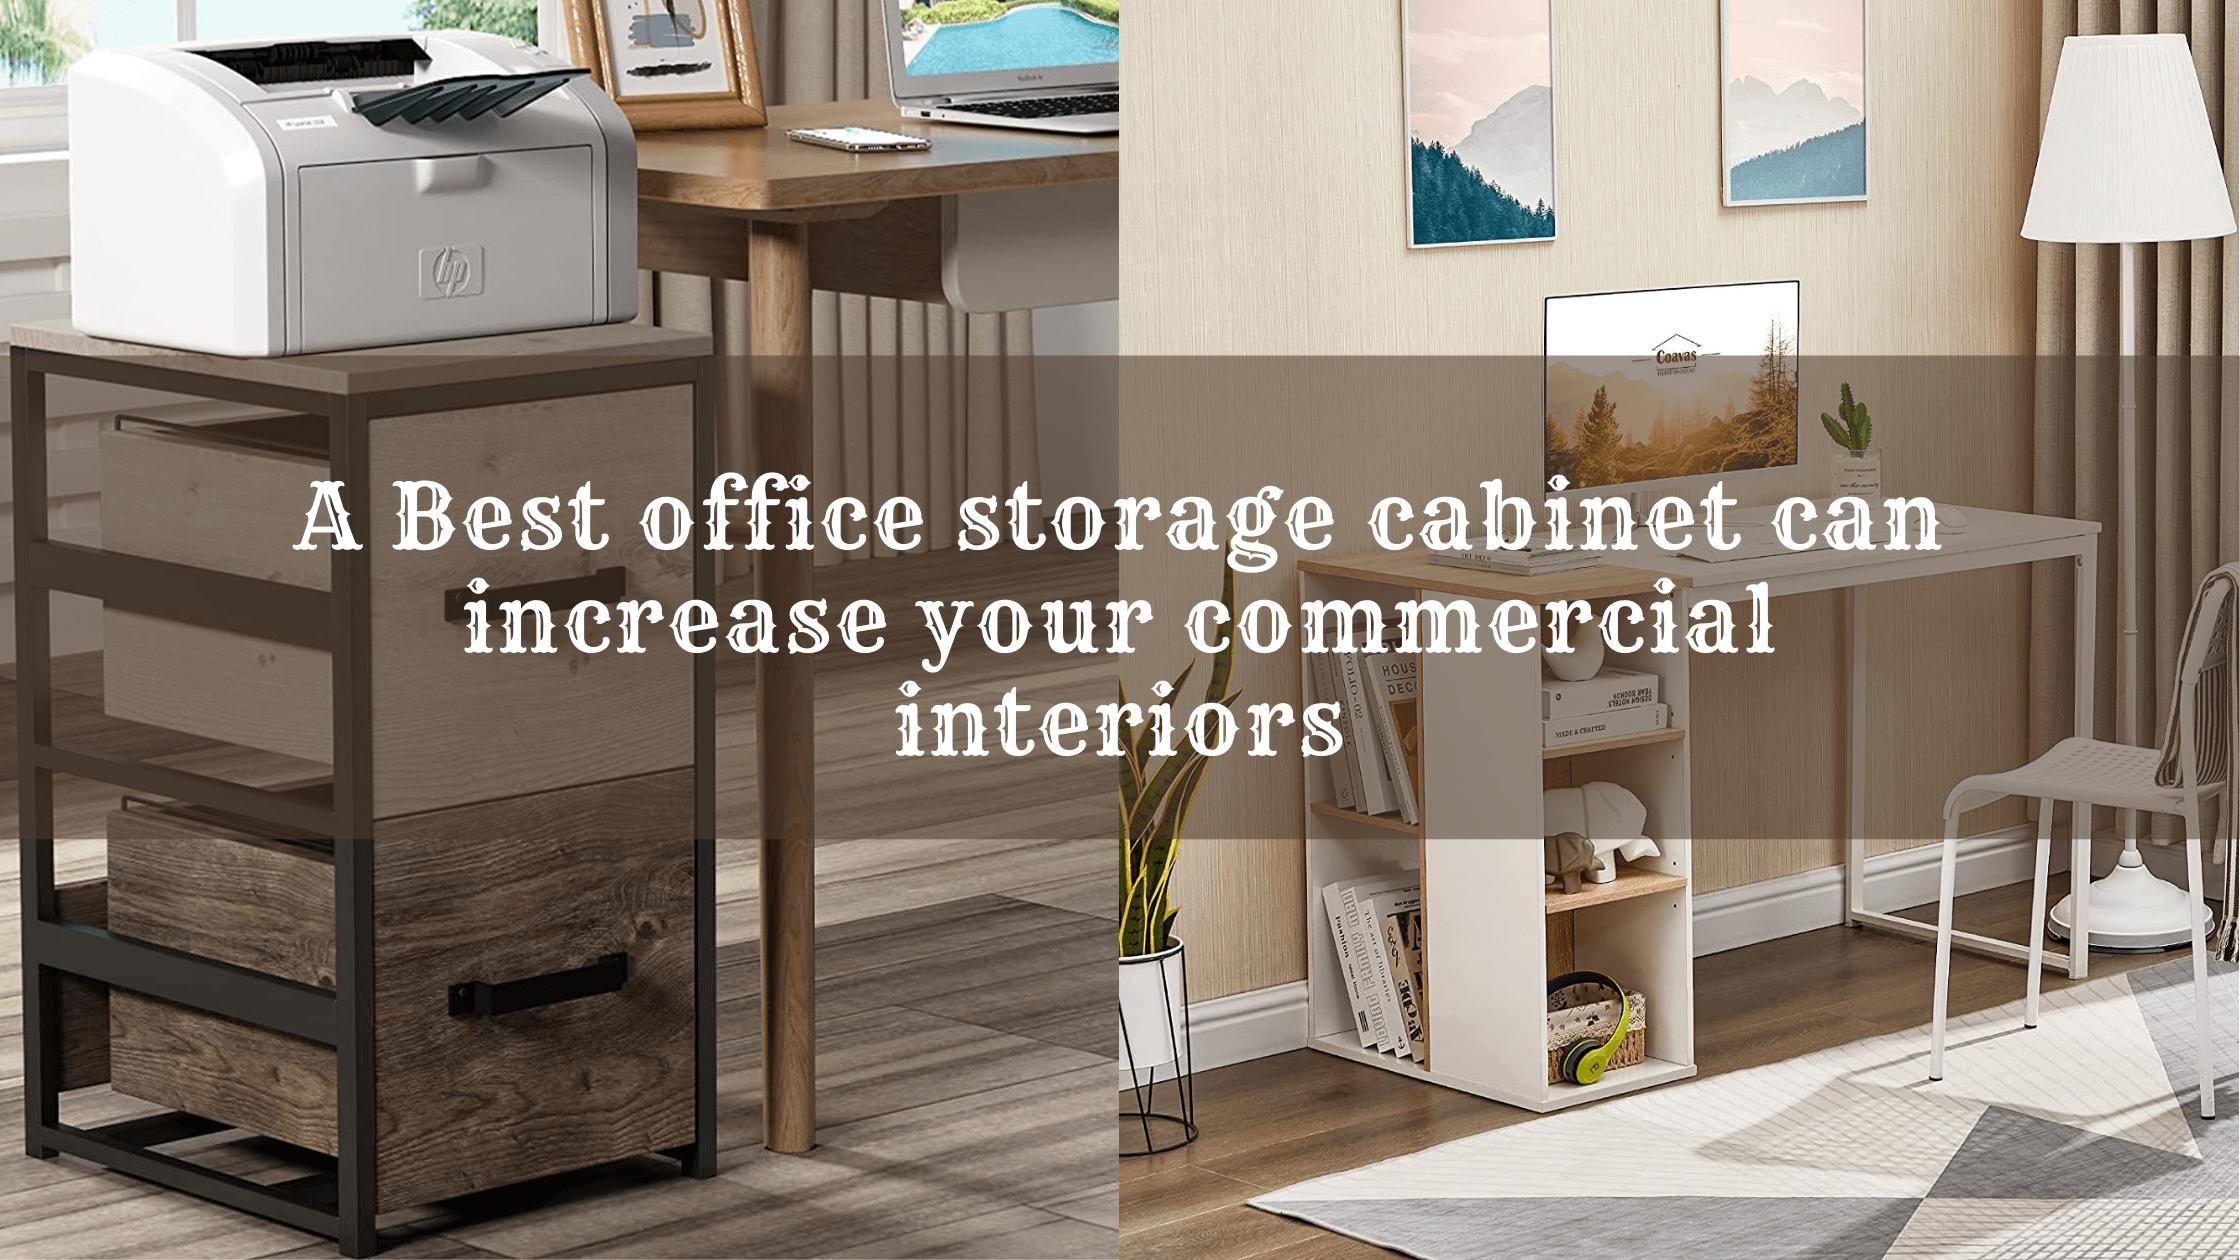 Best office storage cabinet